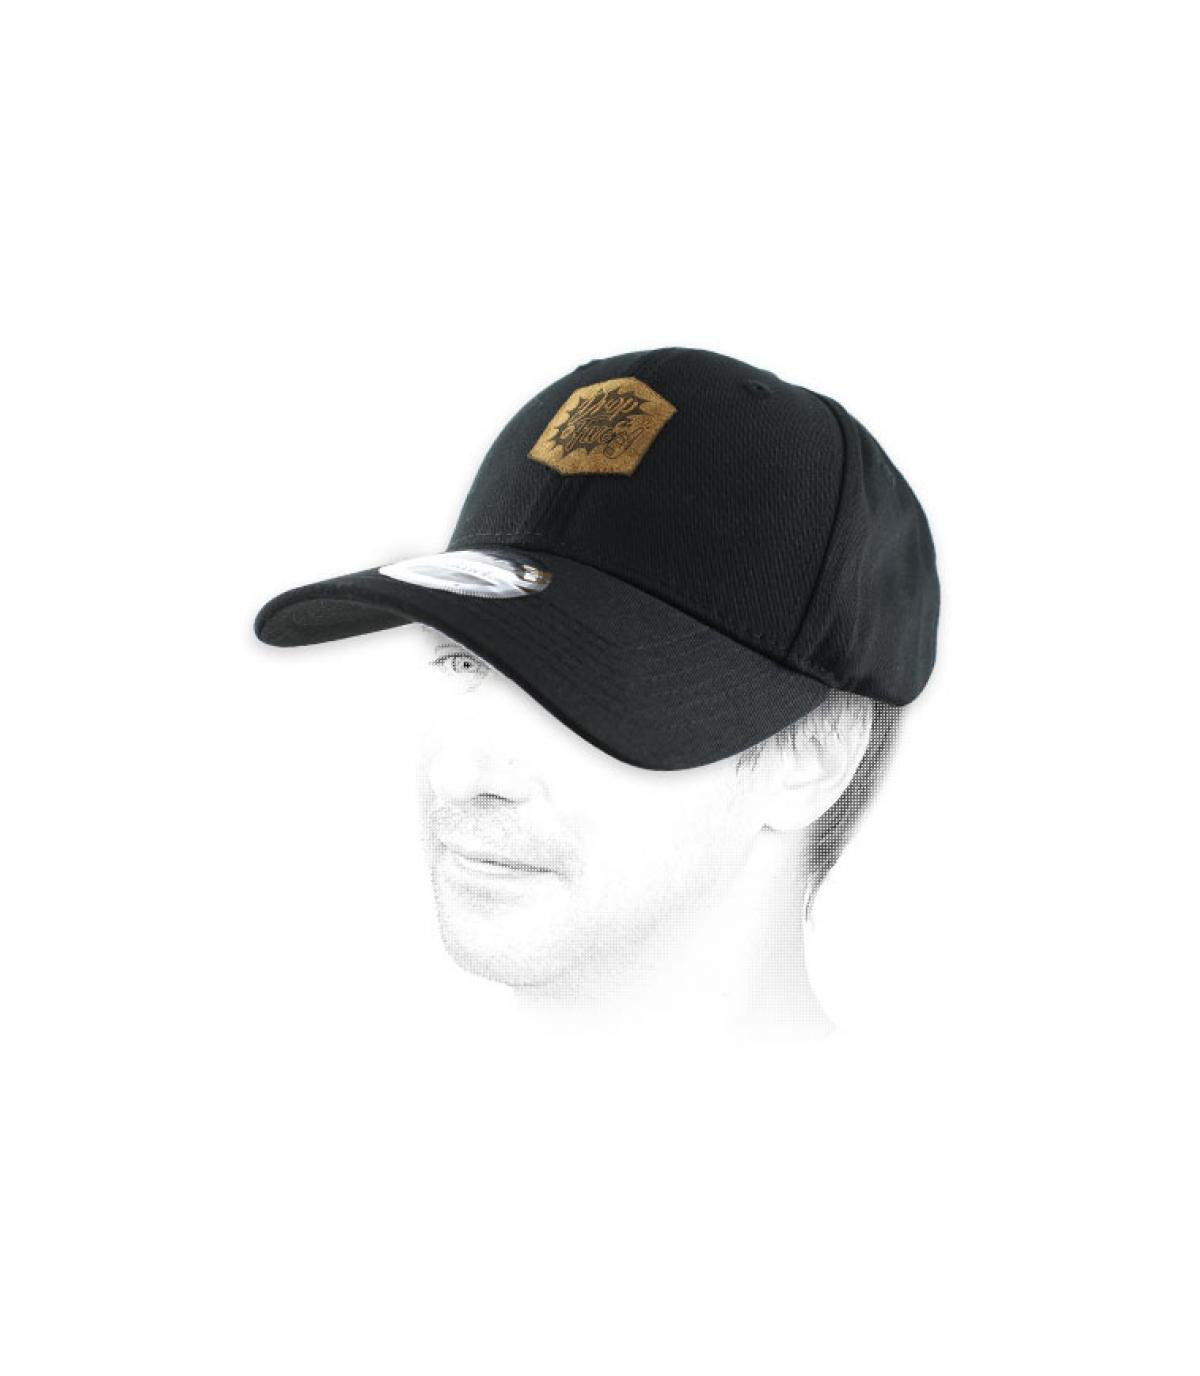 Gota gorra negro en 5